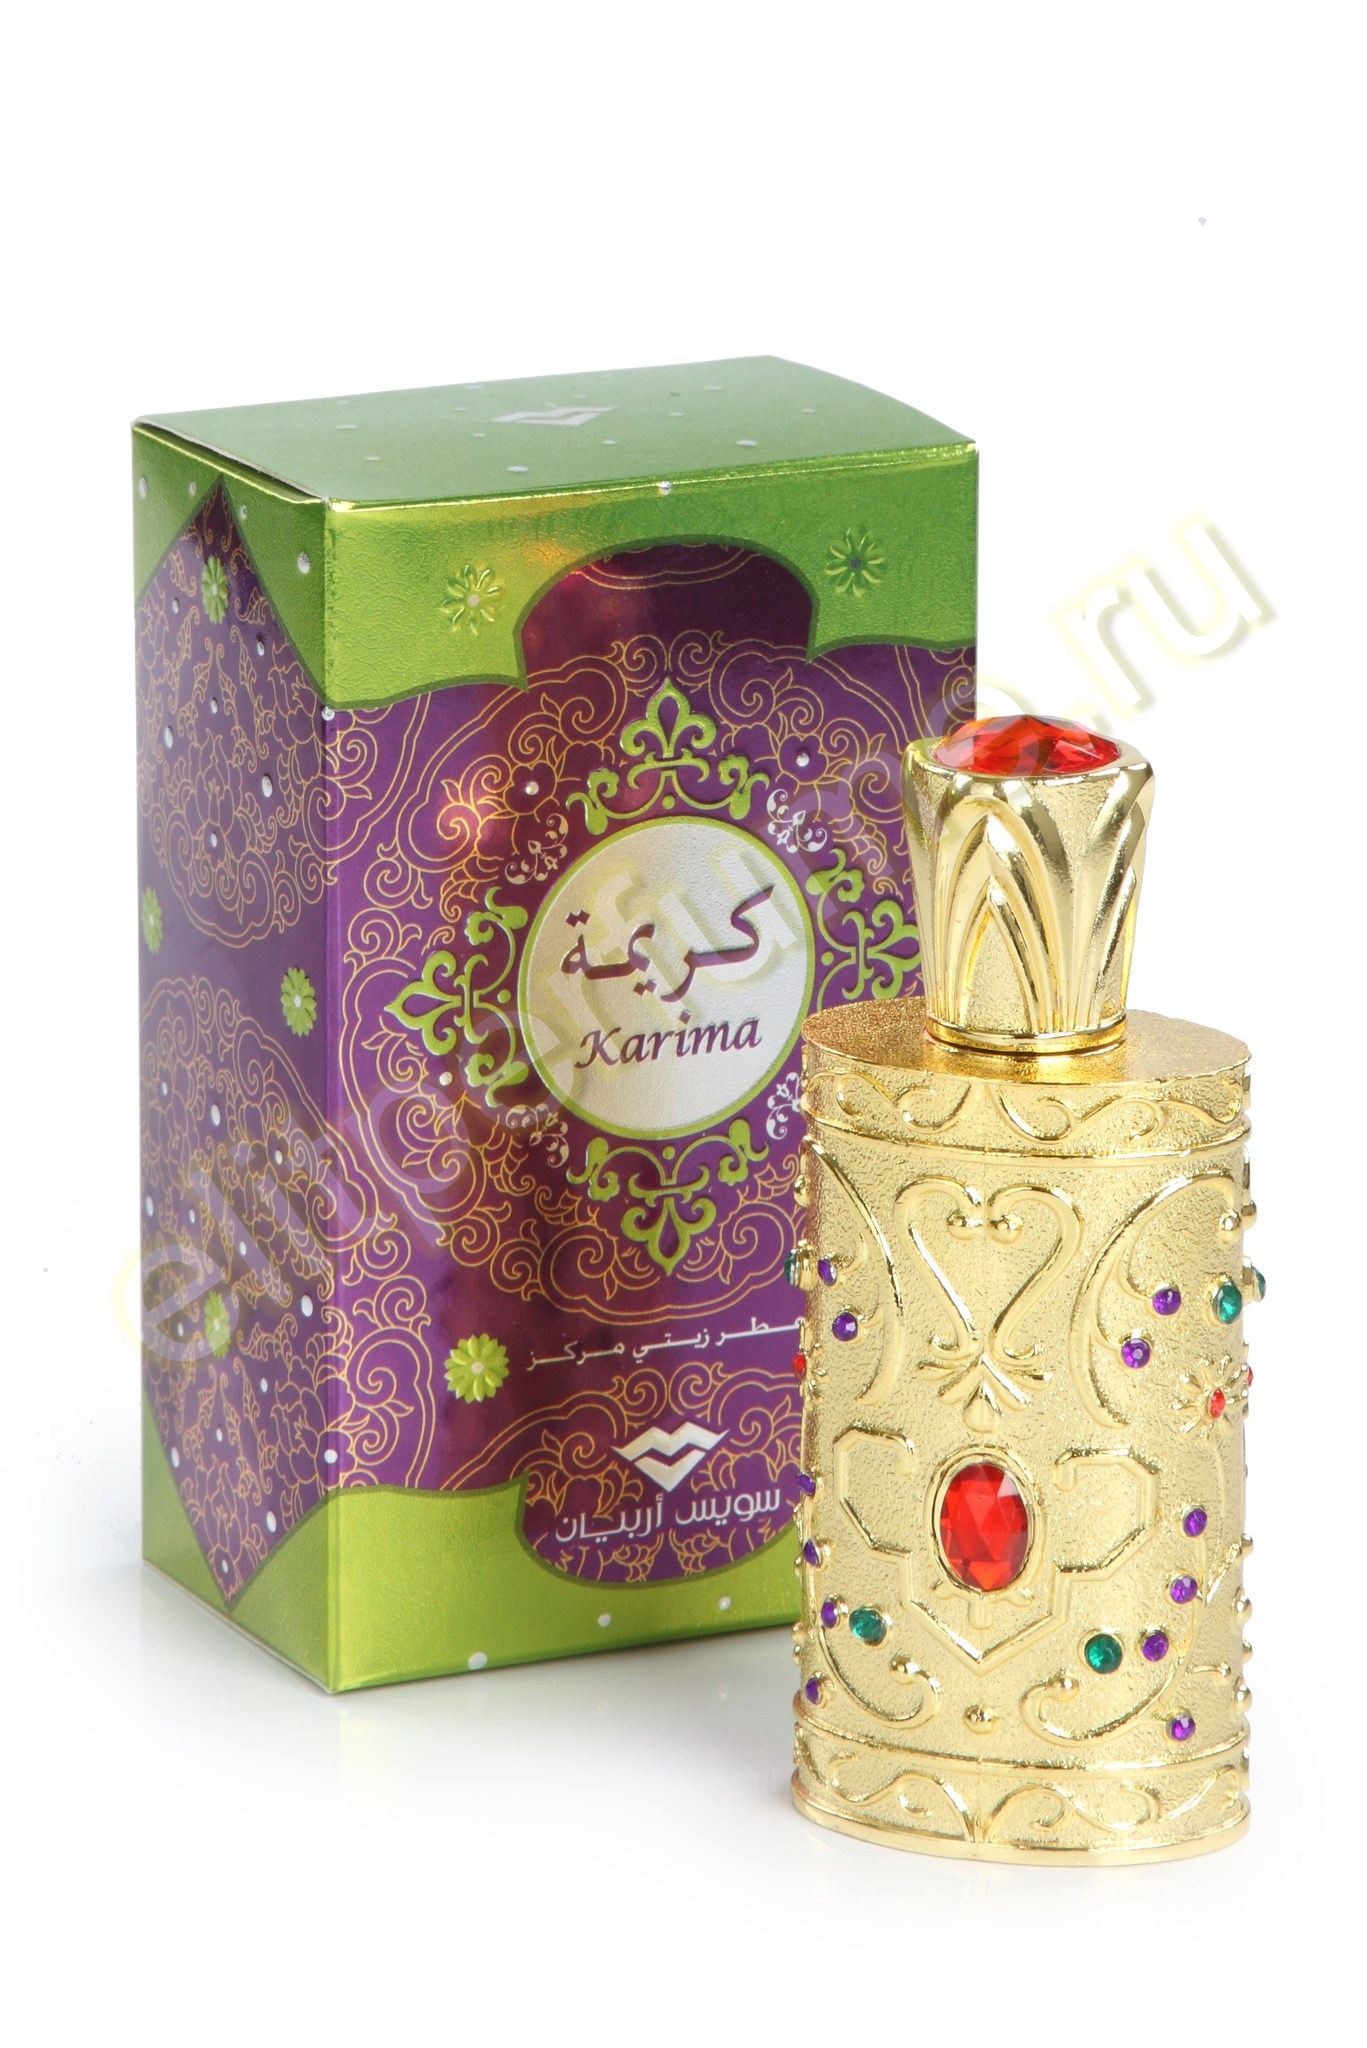 Пробники для арабских духов Karima Карима 1 мл арабские масляные духи от Свисс Арабиан Swiss Arabian